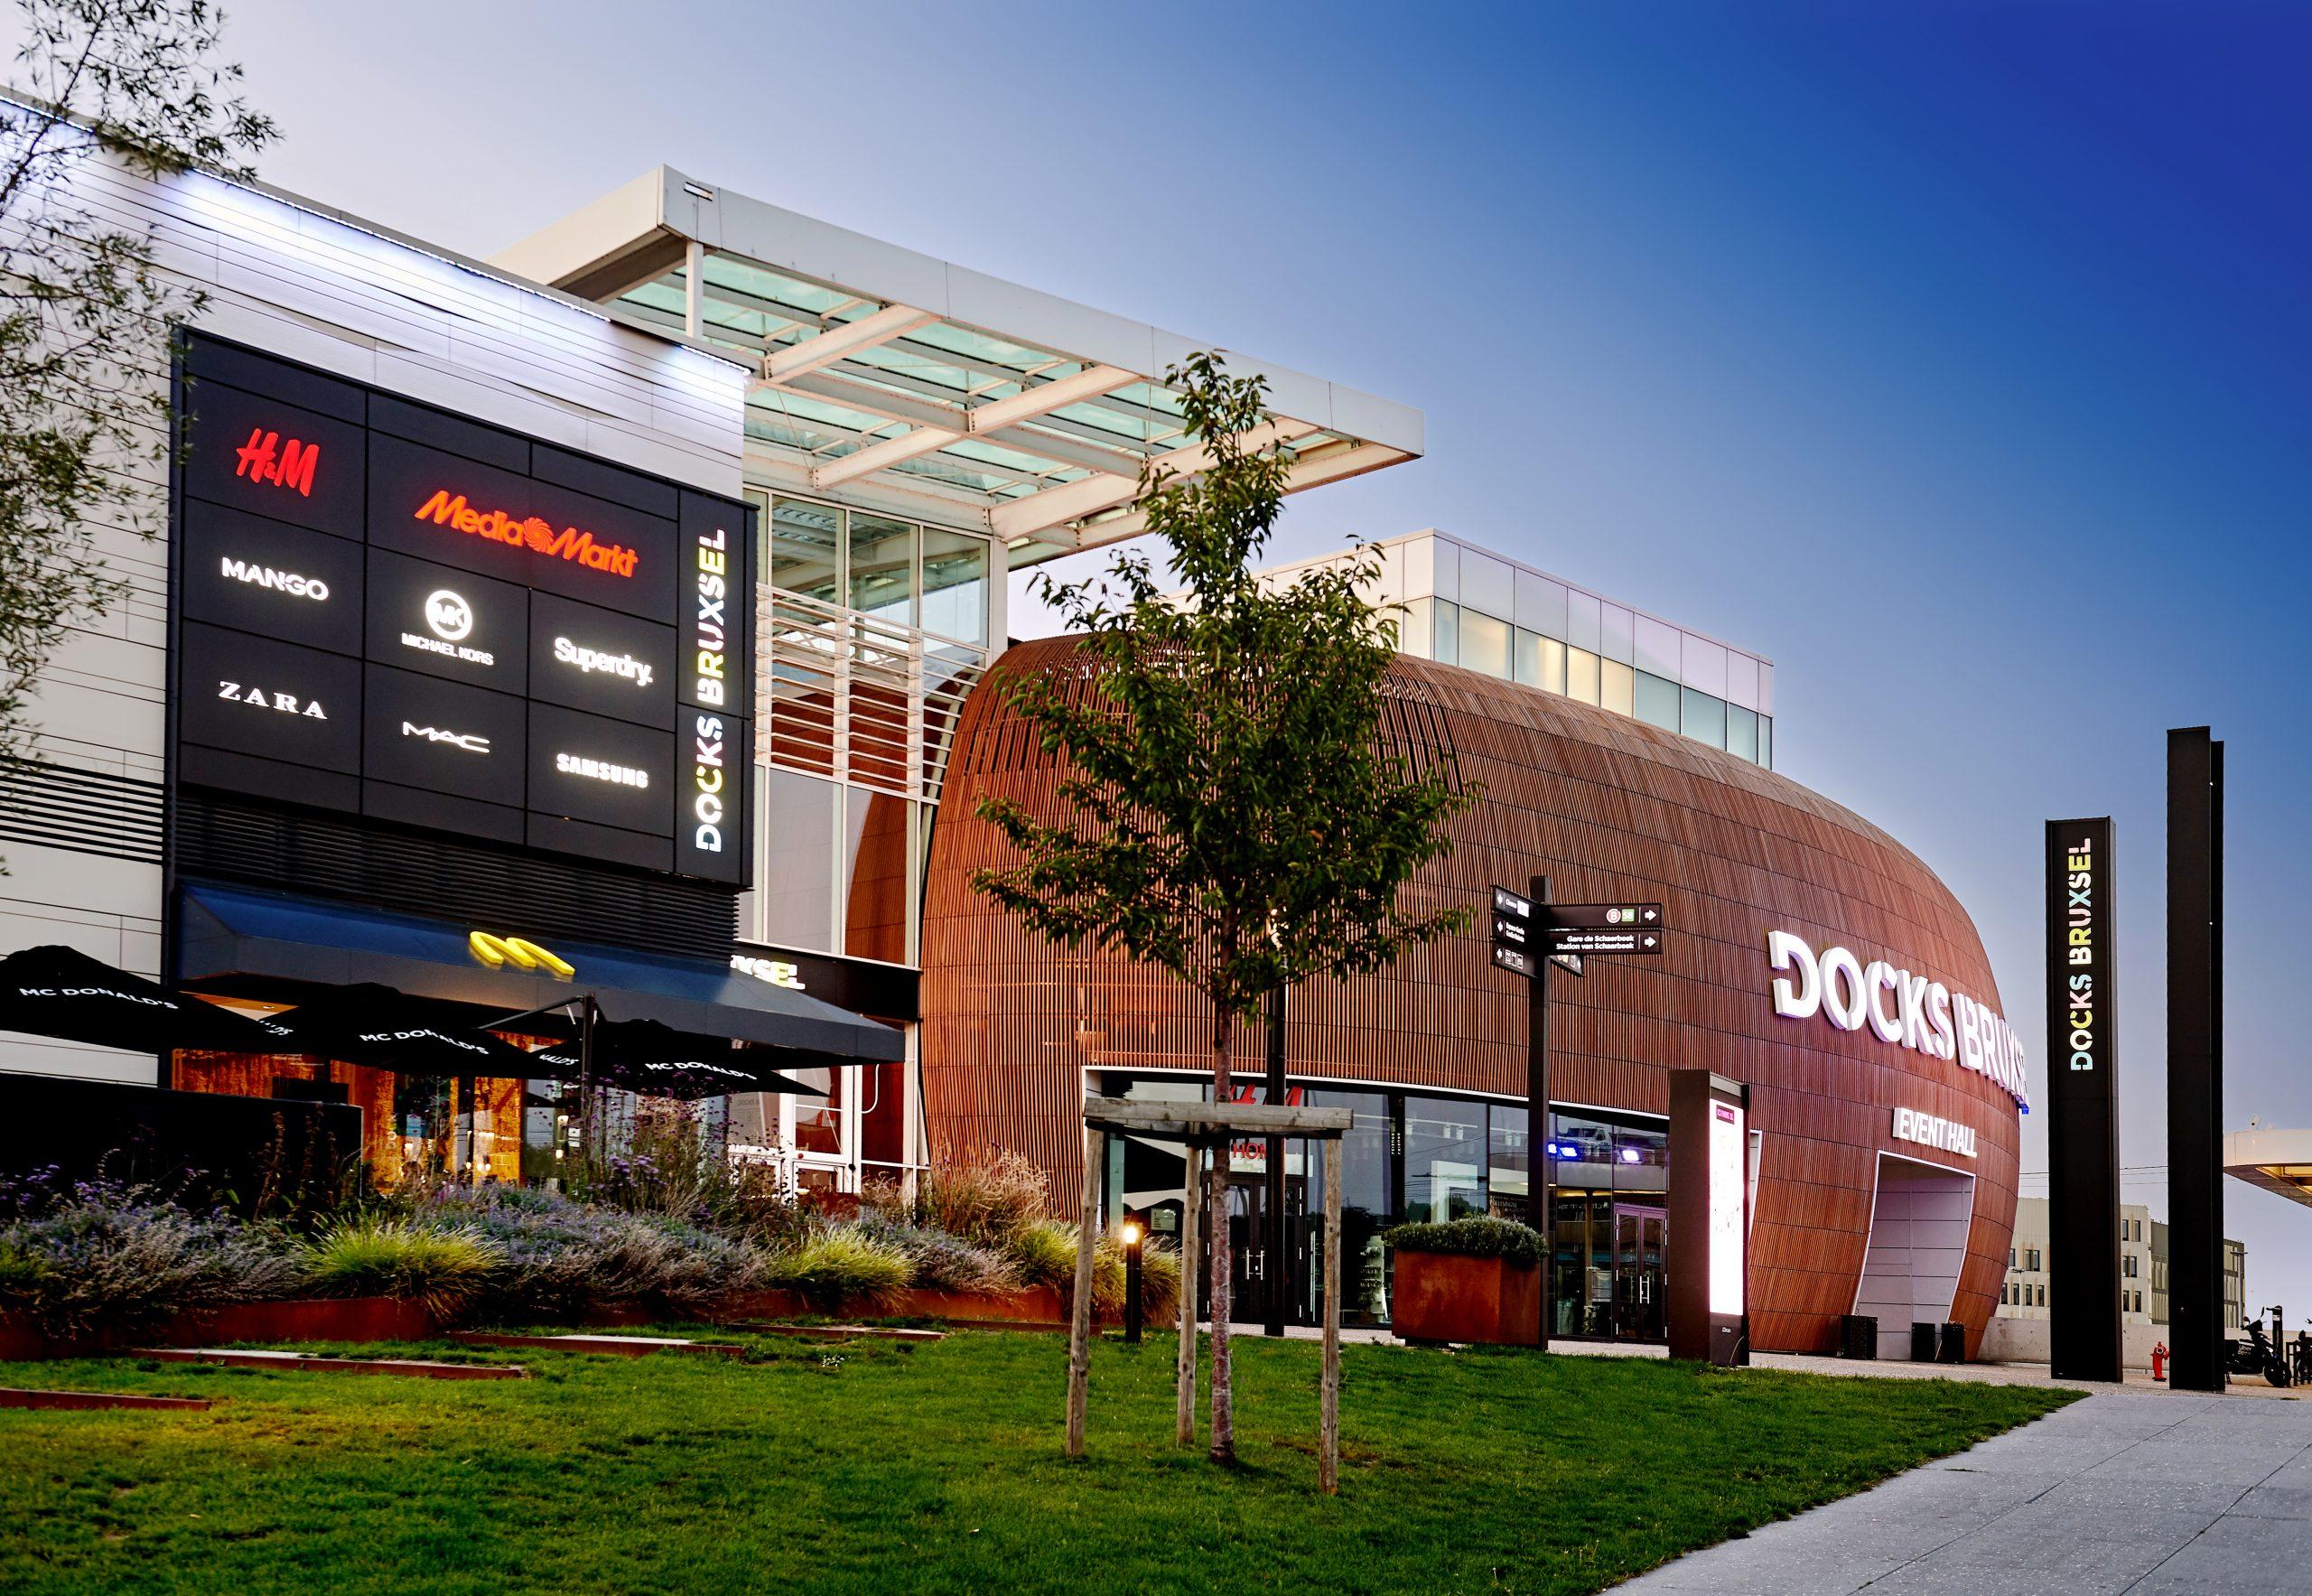 outside | Docks Bruxsel | Shopping Center in Brussels